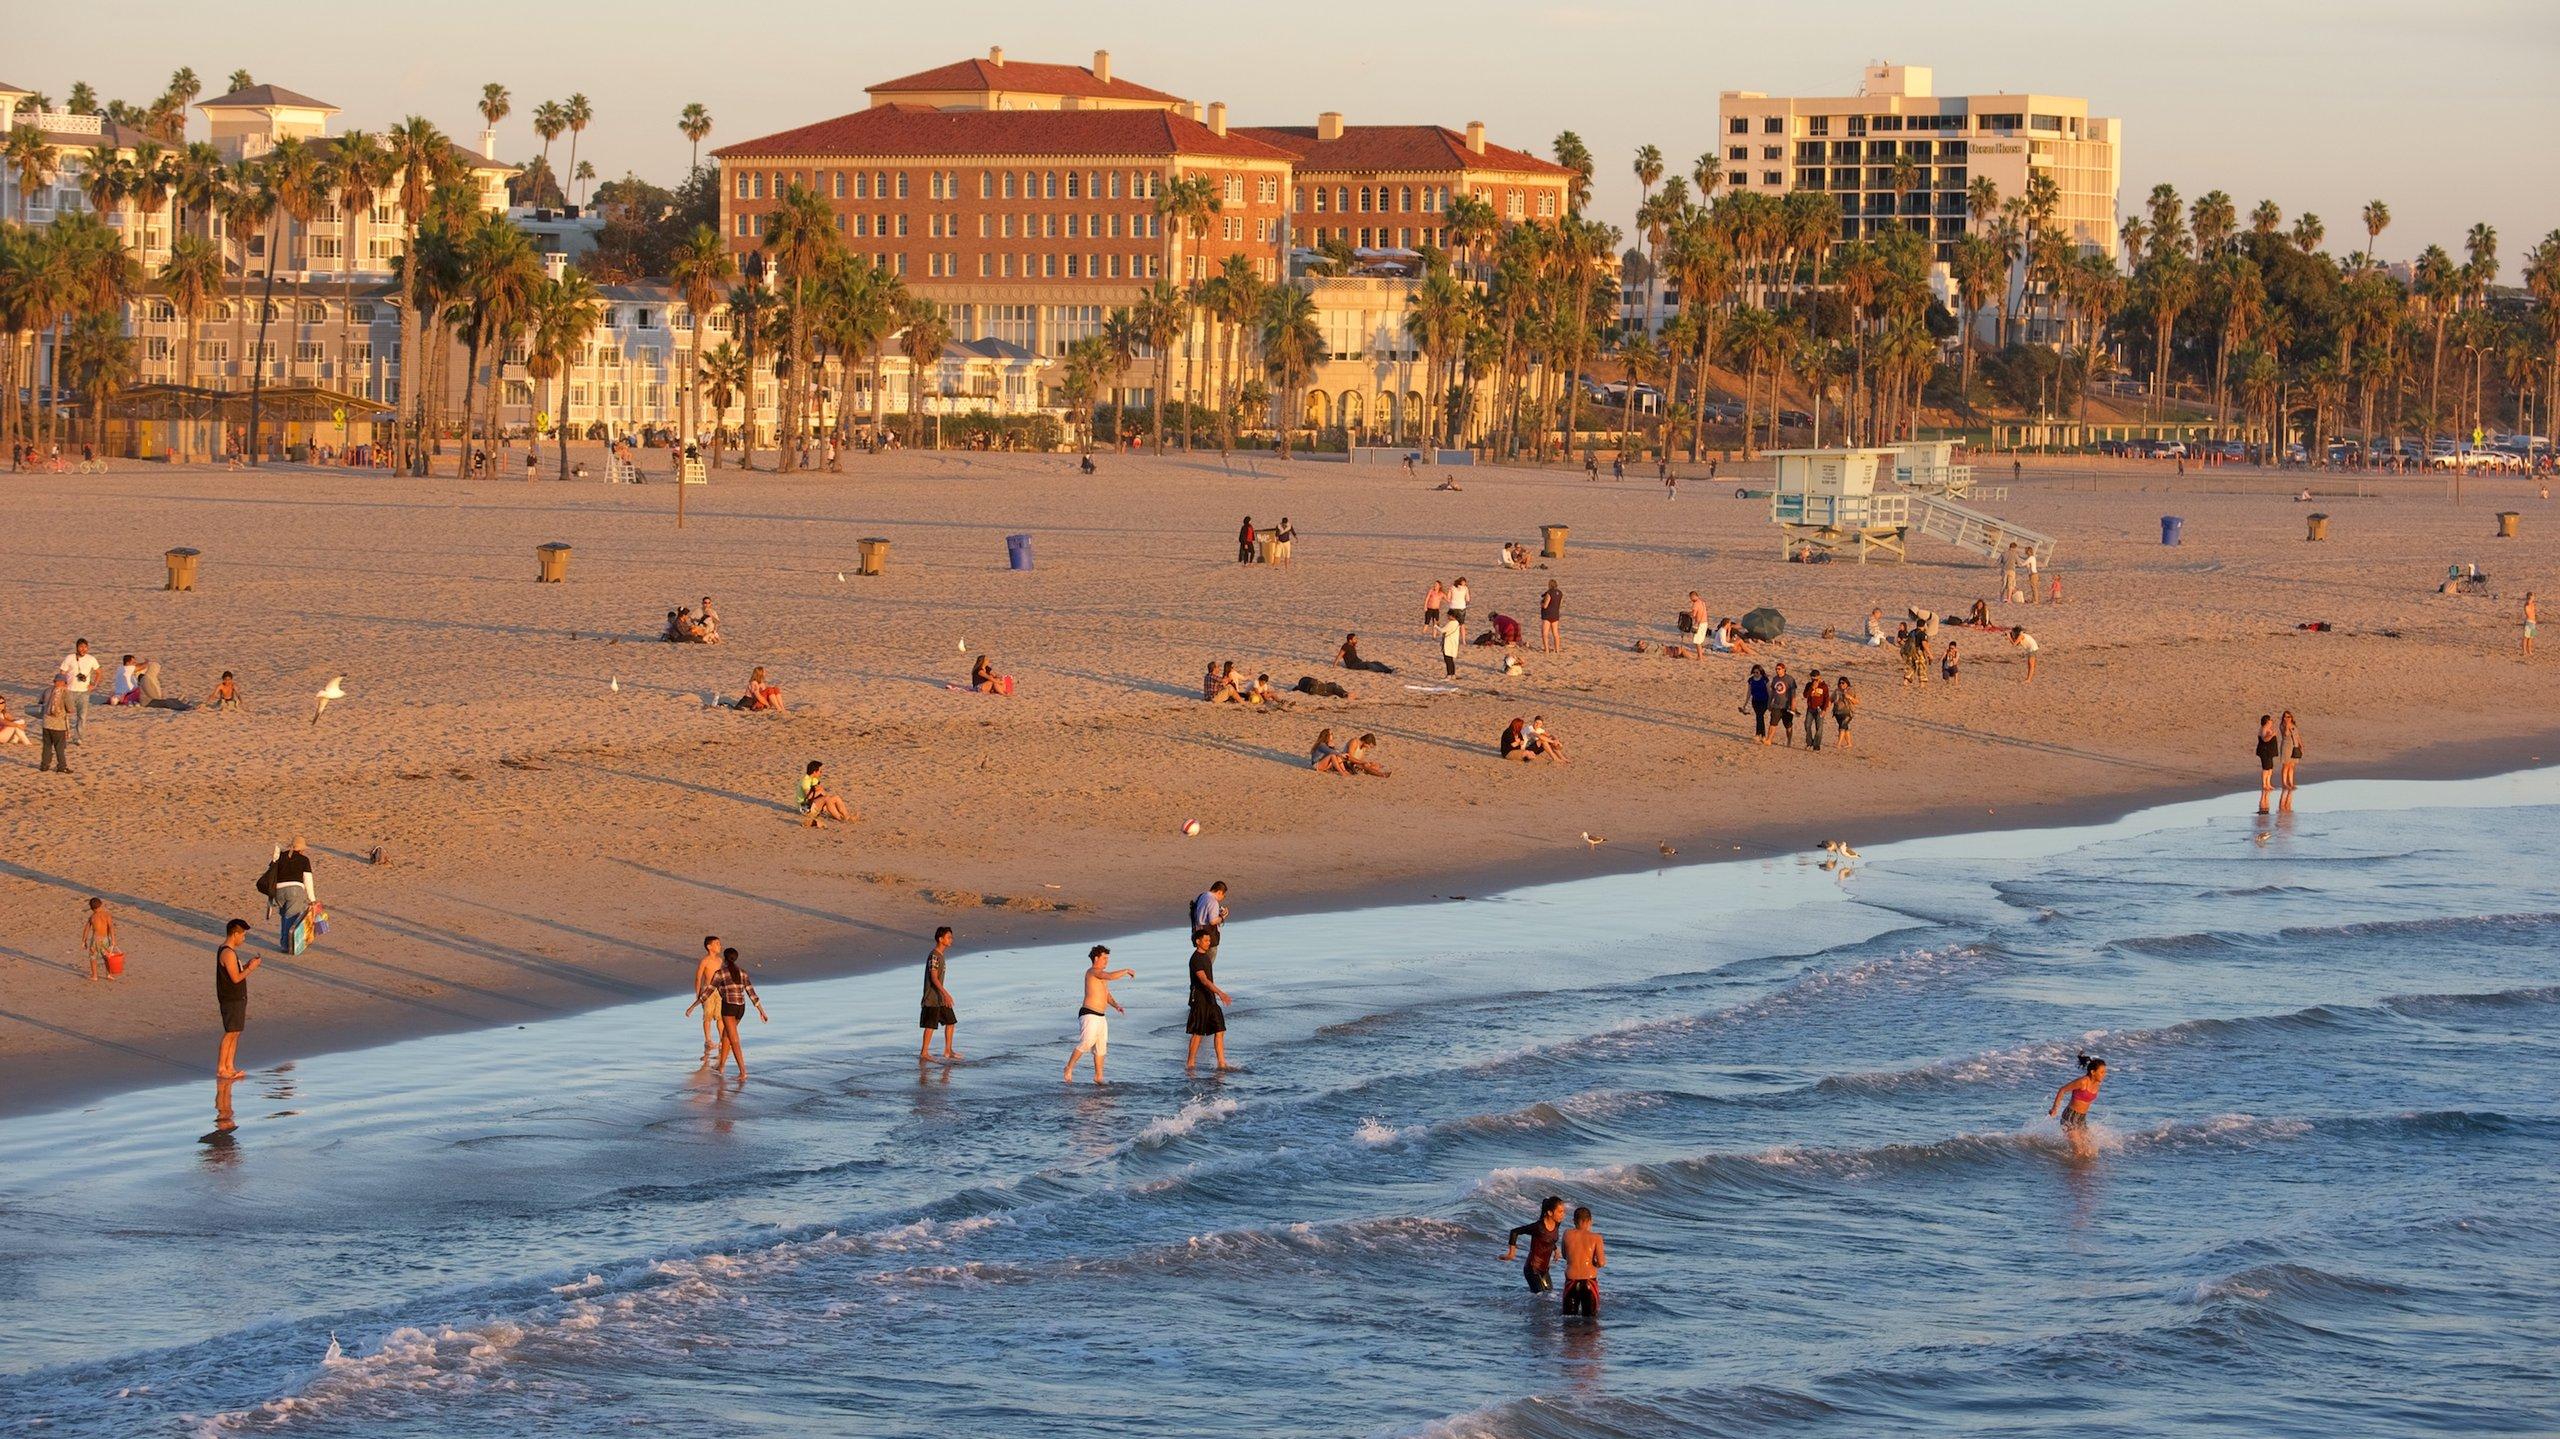 Tillbringa en lat dag i solen på Santa Monica Beach (strand) under din resa till Santa Monica. Detta promenadvänliga område är känt för sina restauranger, och många kommer även hit för konsten.